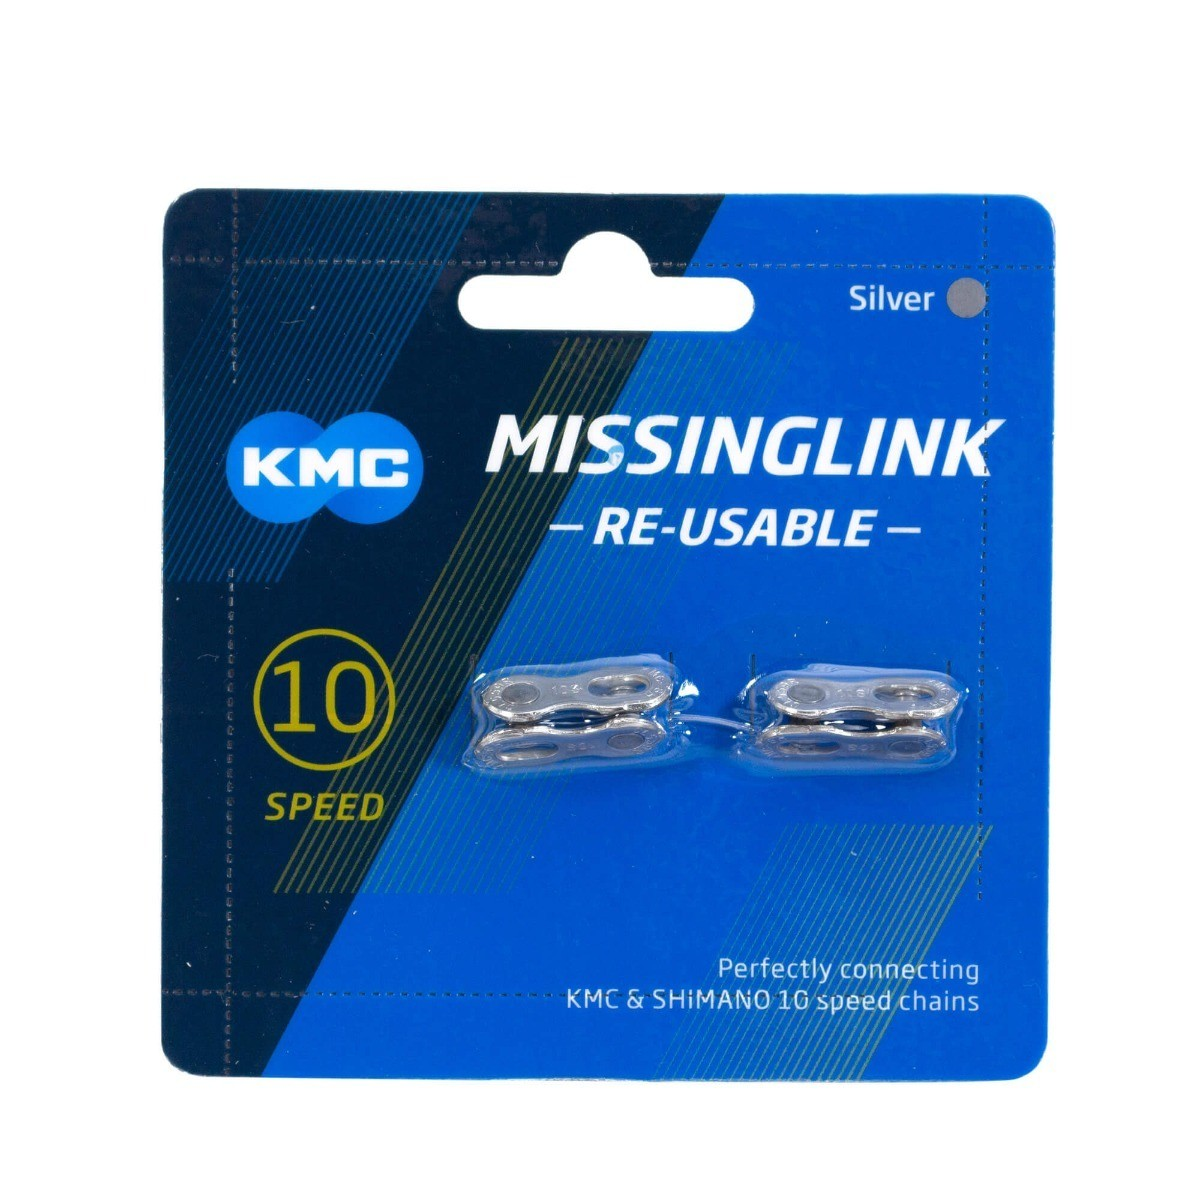 Emenda de Corrente / MissingLink / Power Link KMC 10v Silver - Prata